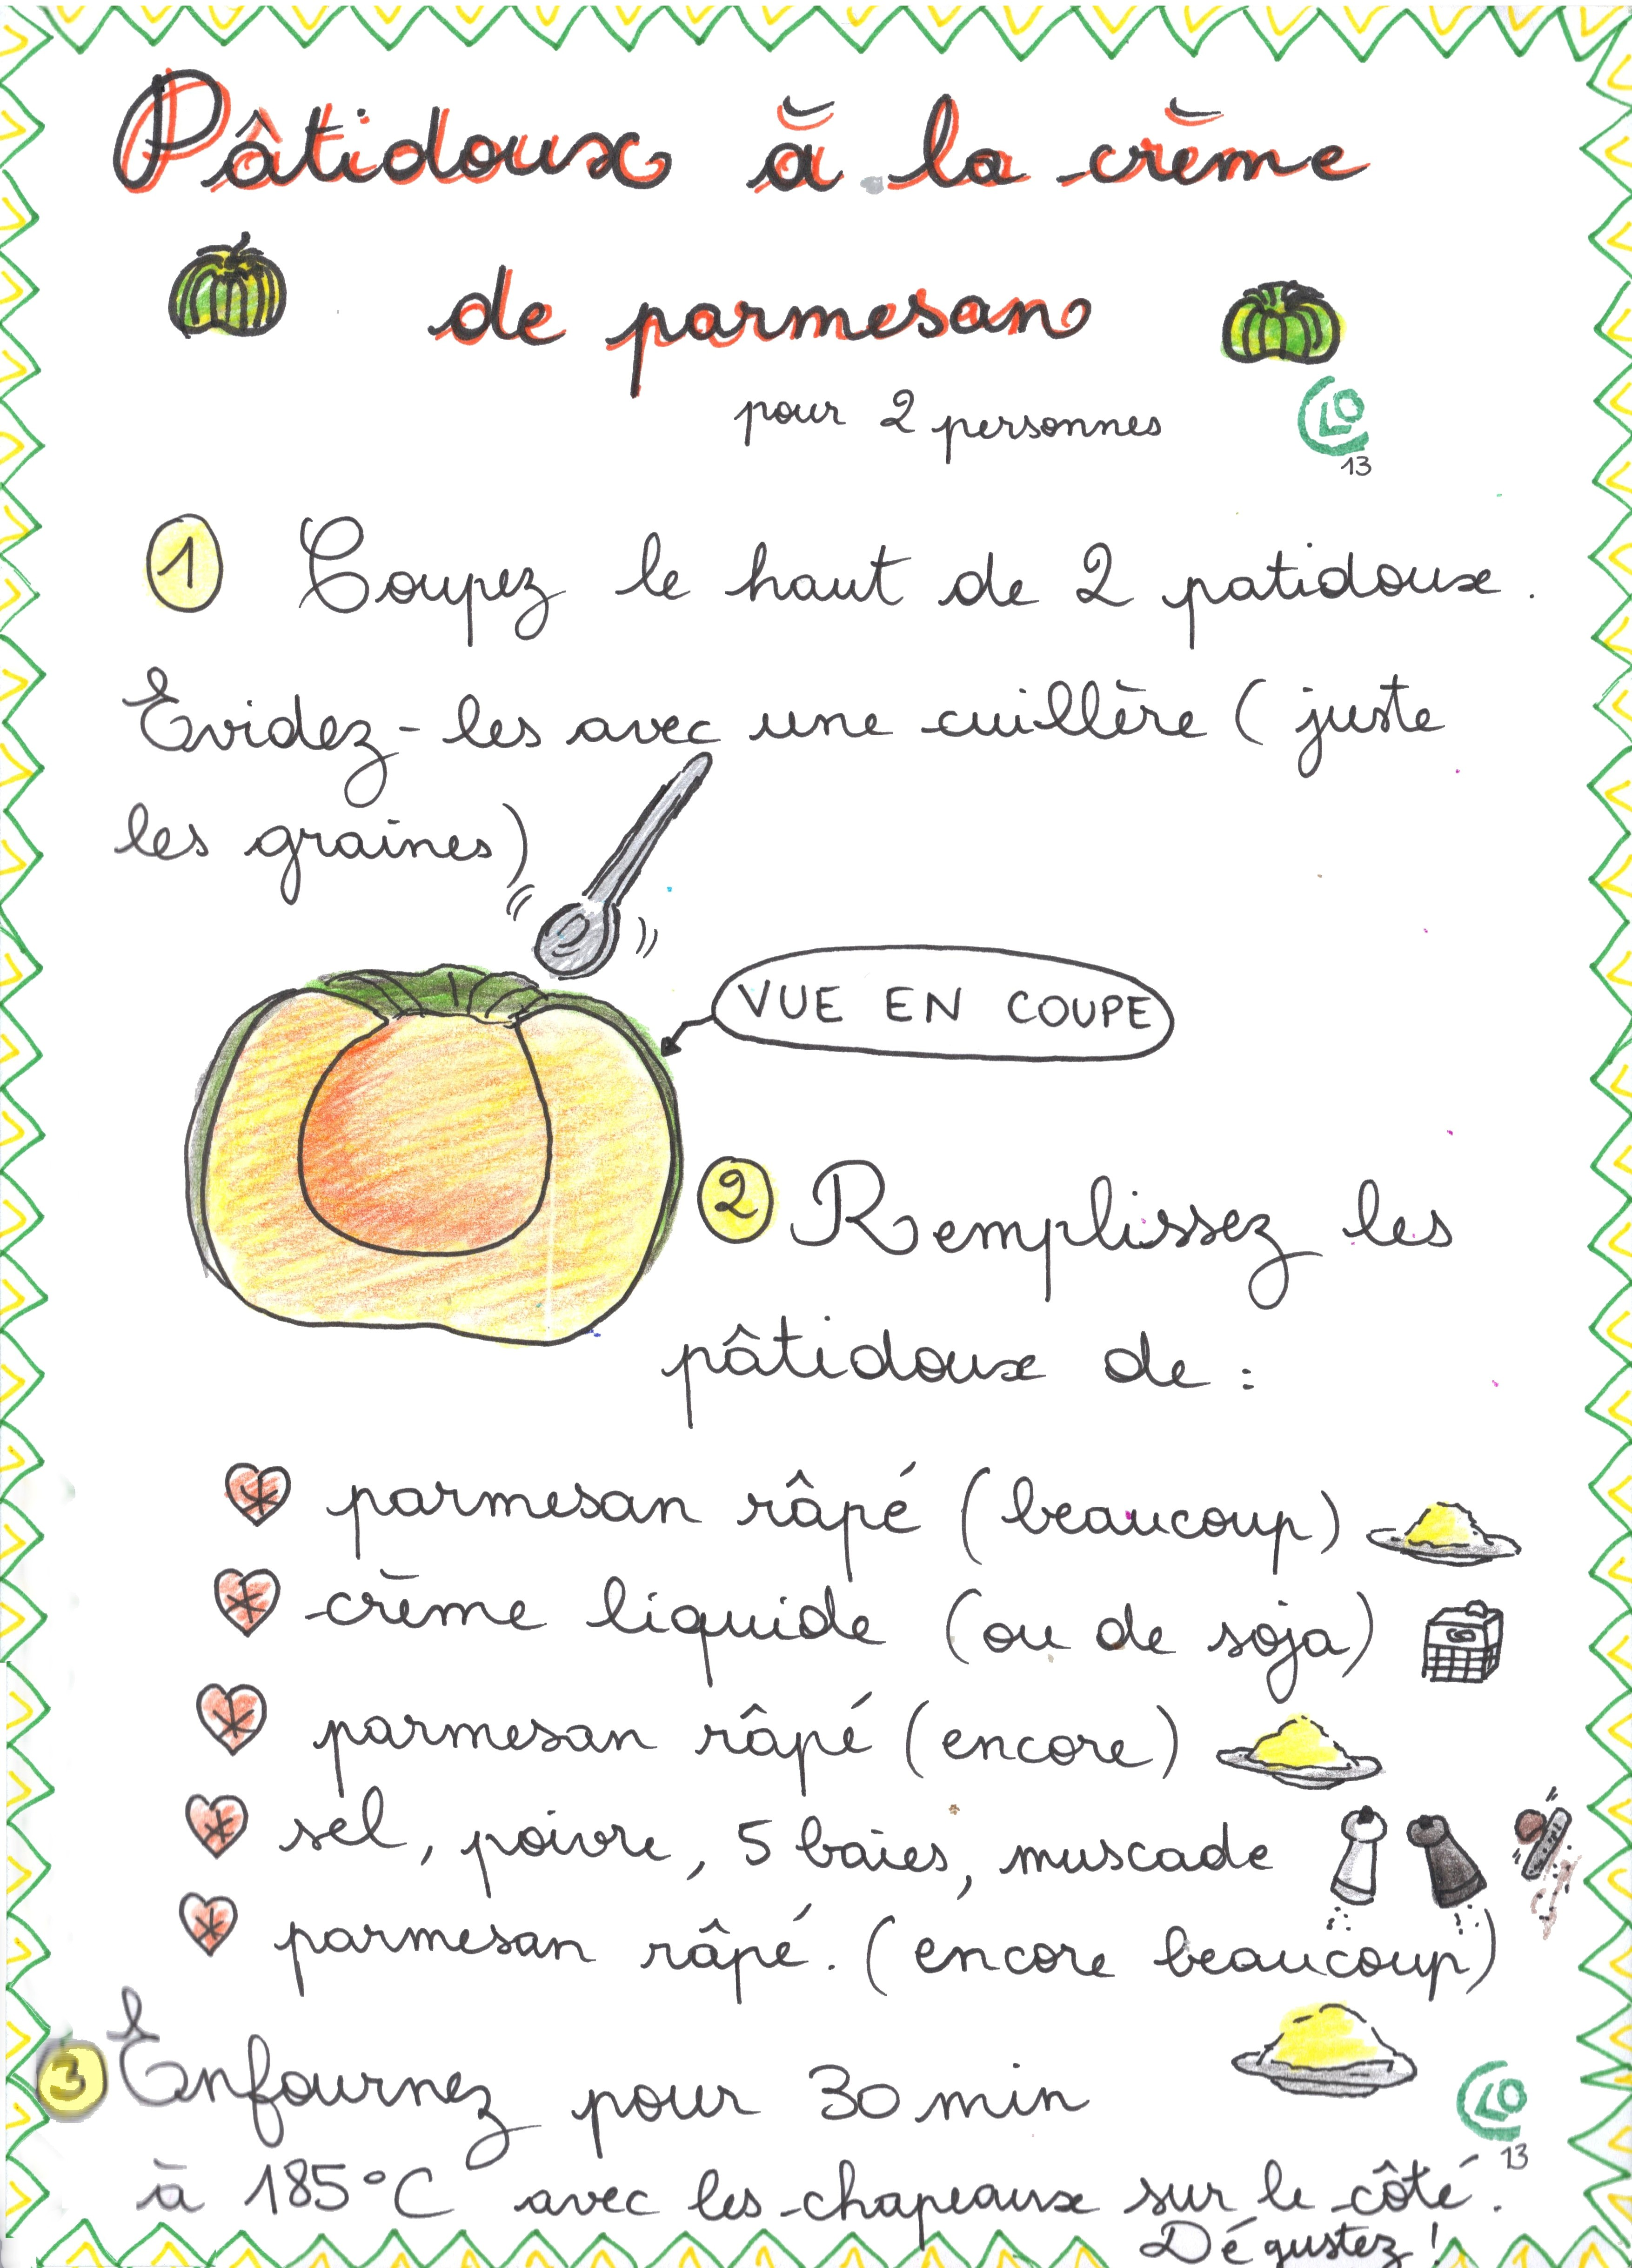 pâtidoux à la crème de parmesan